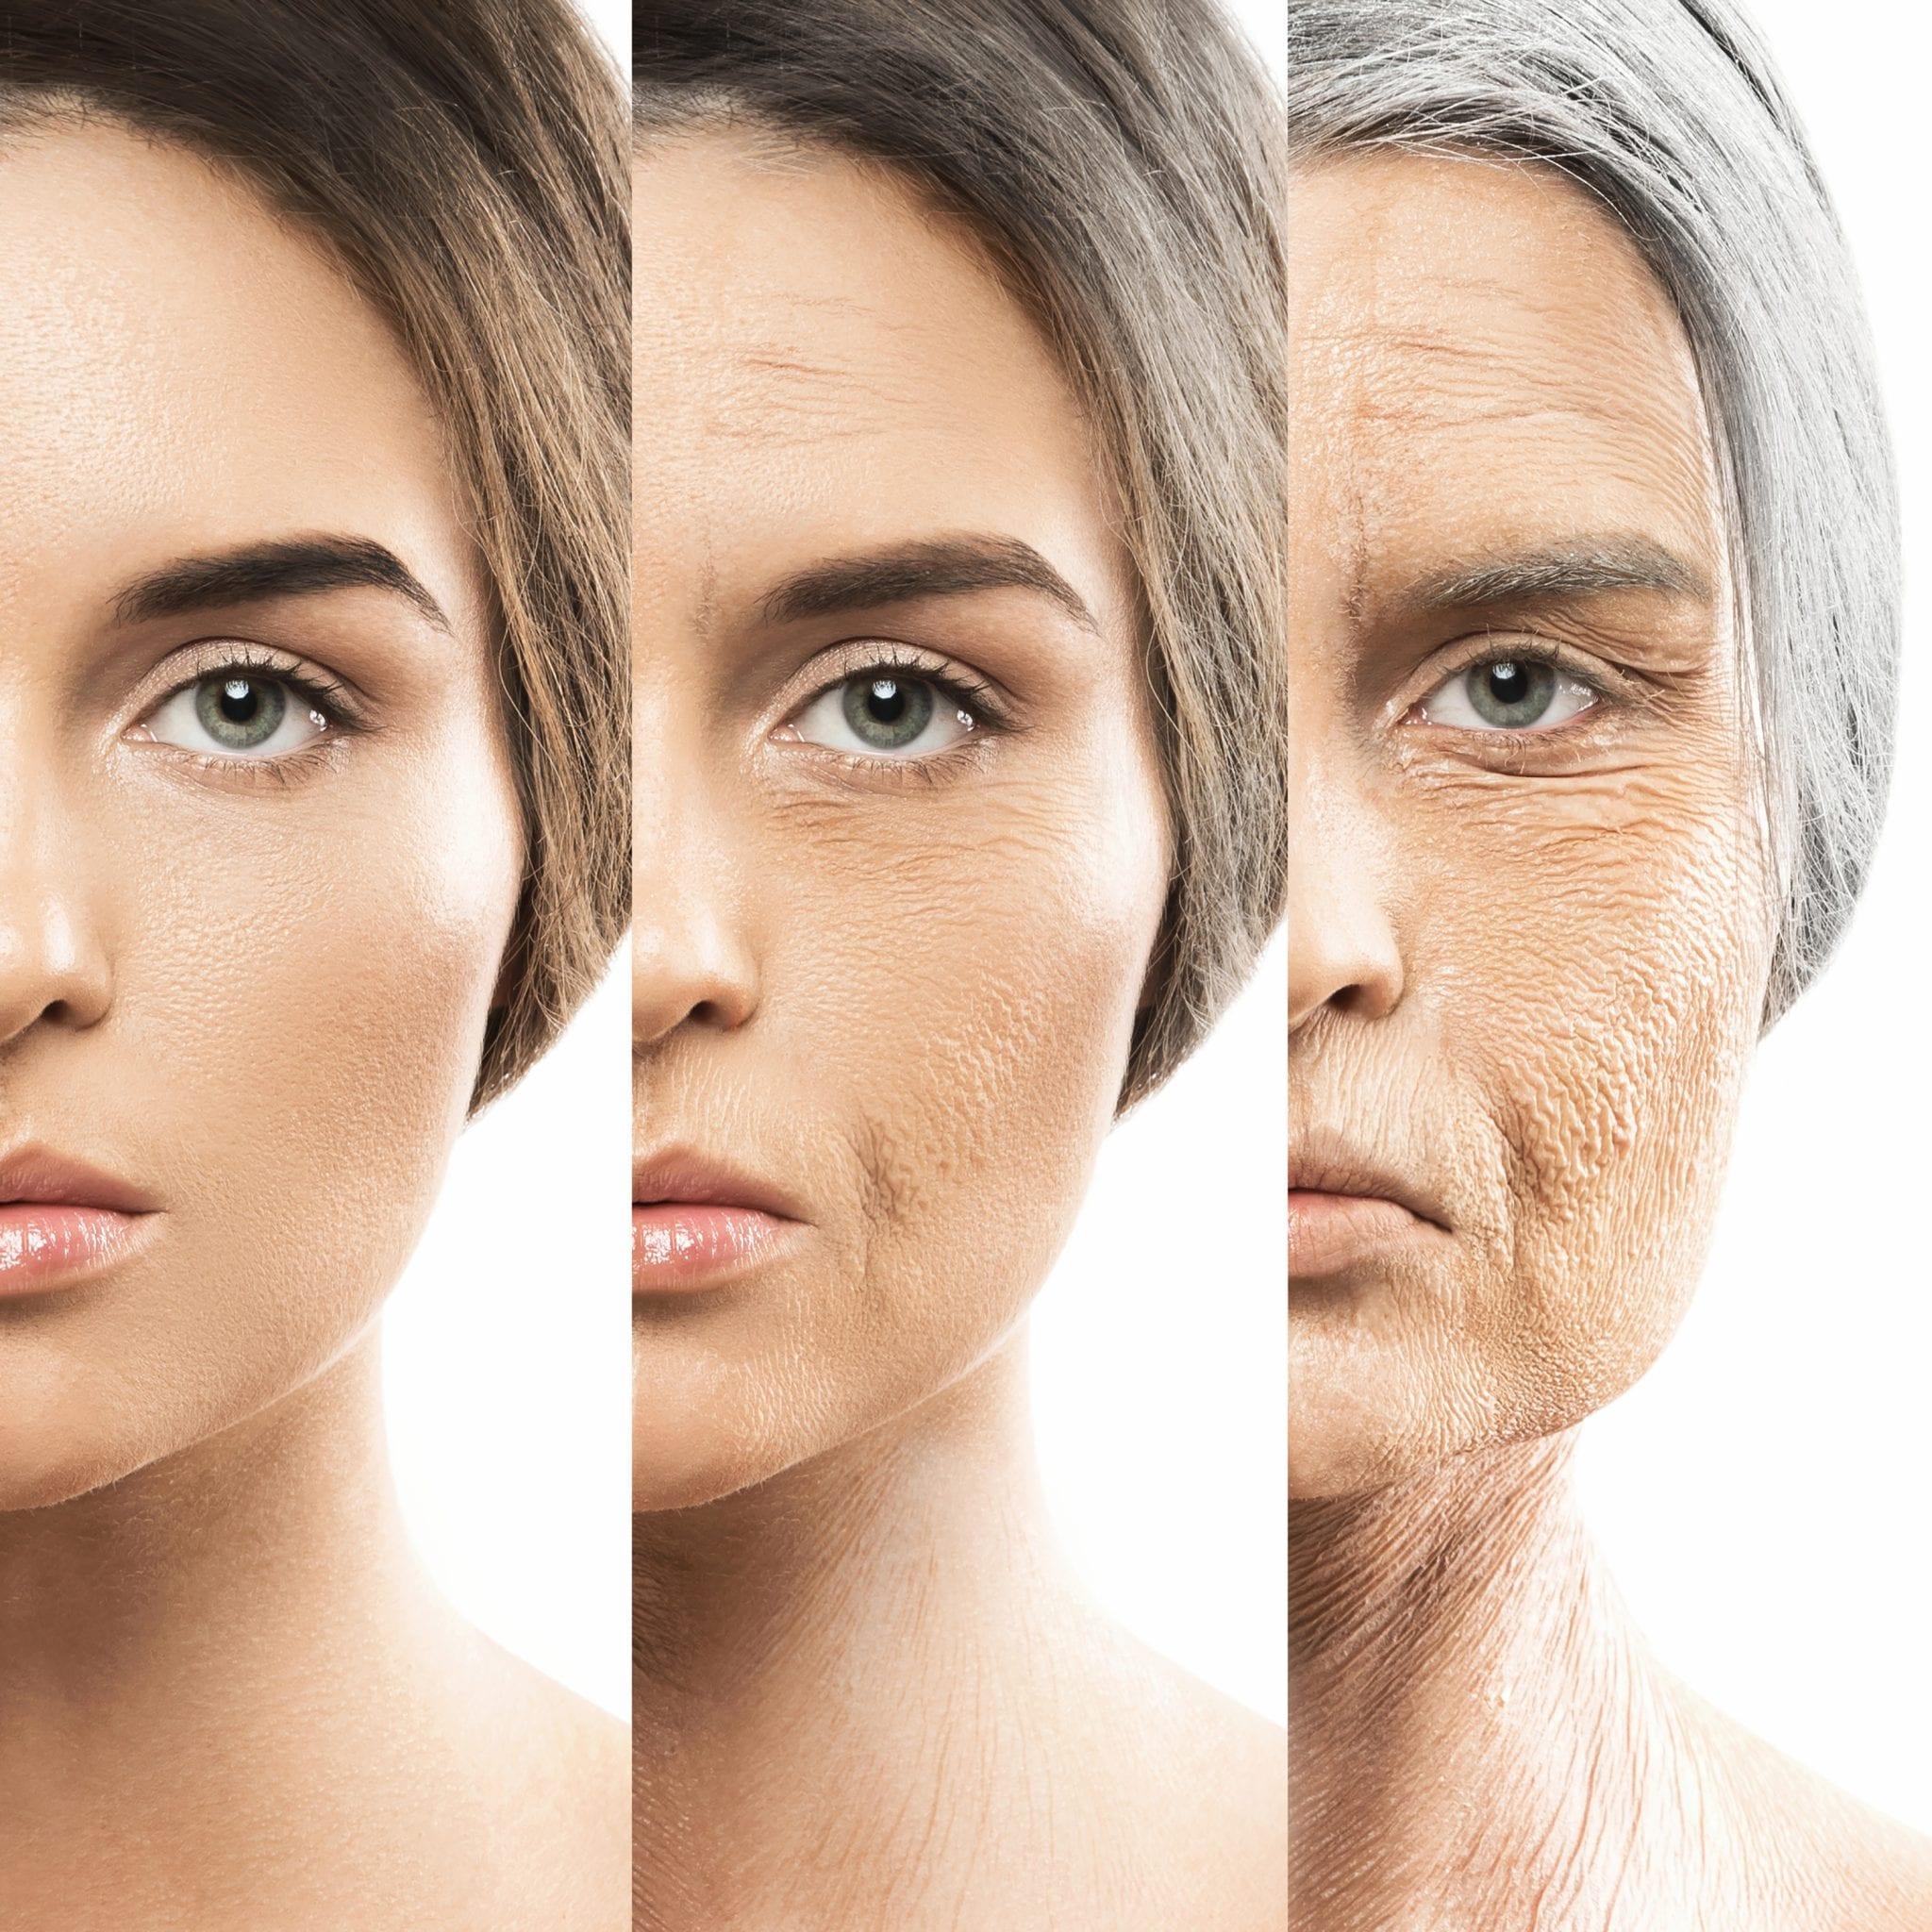 meddi- salud inteligente- menopausia y climaterio blog